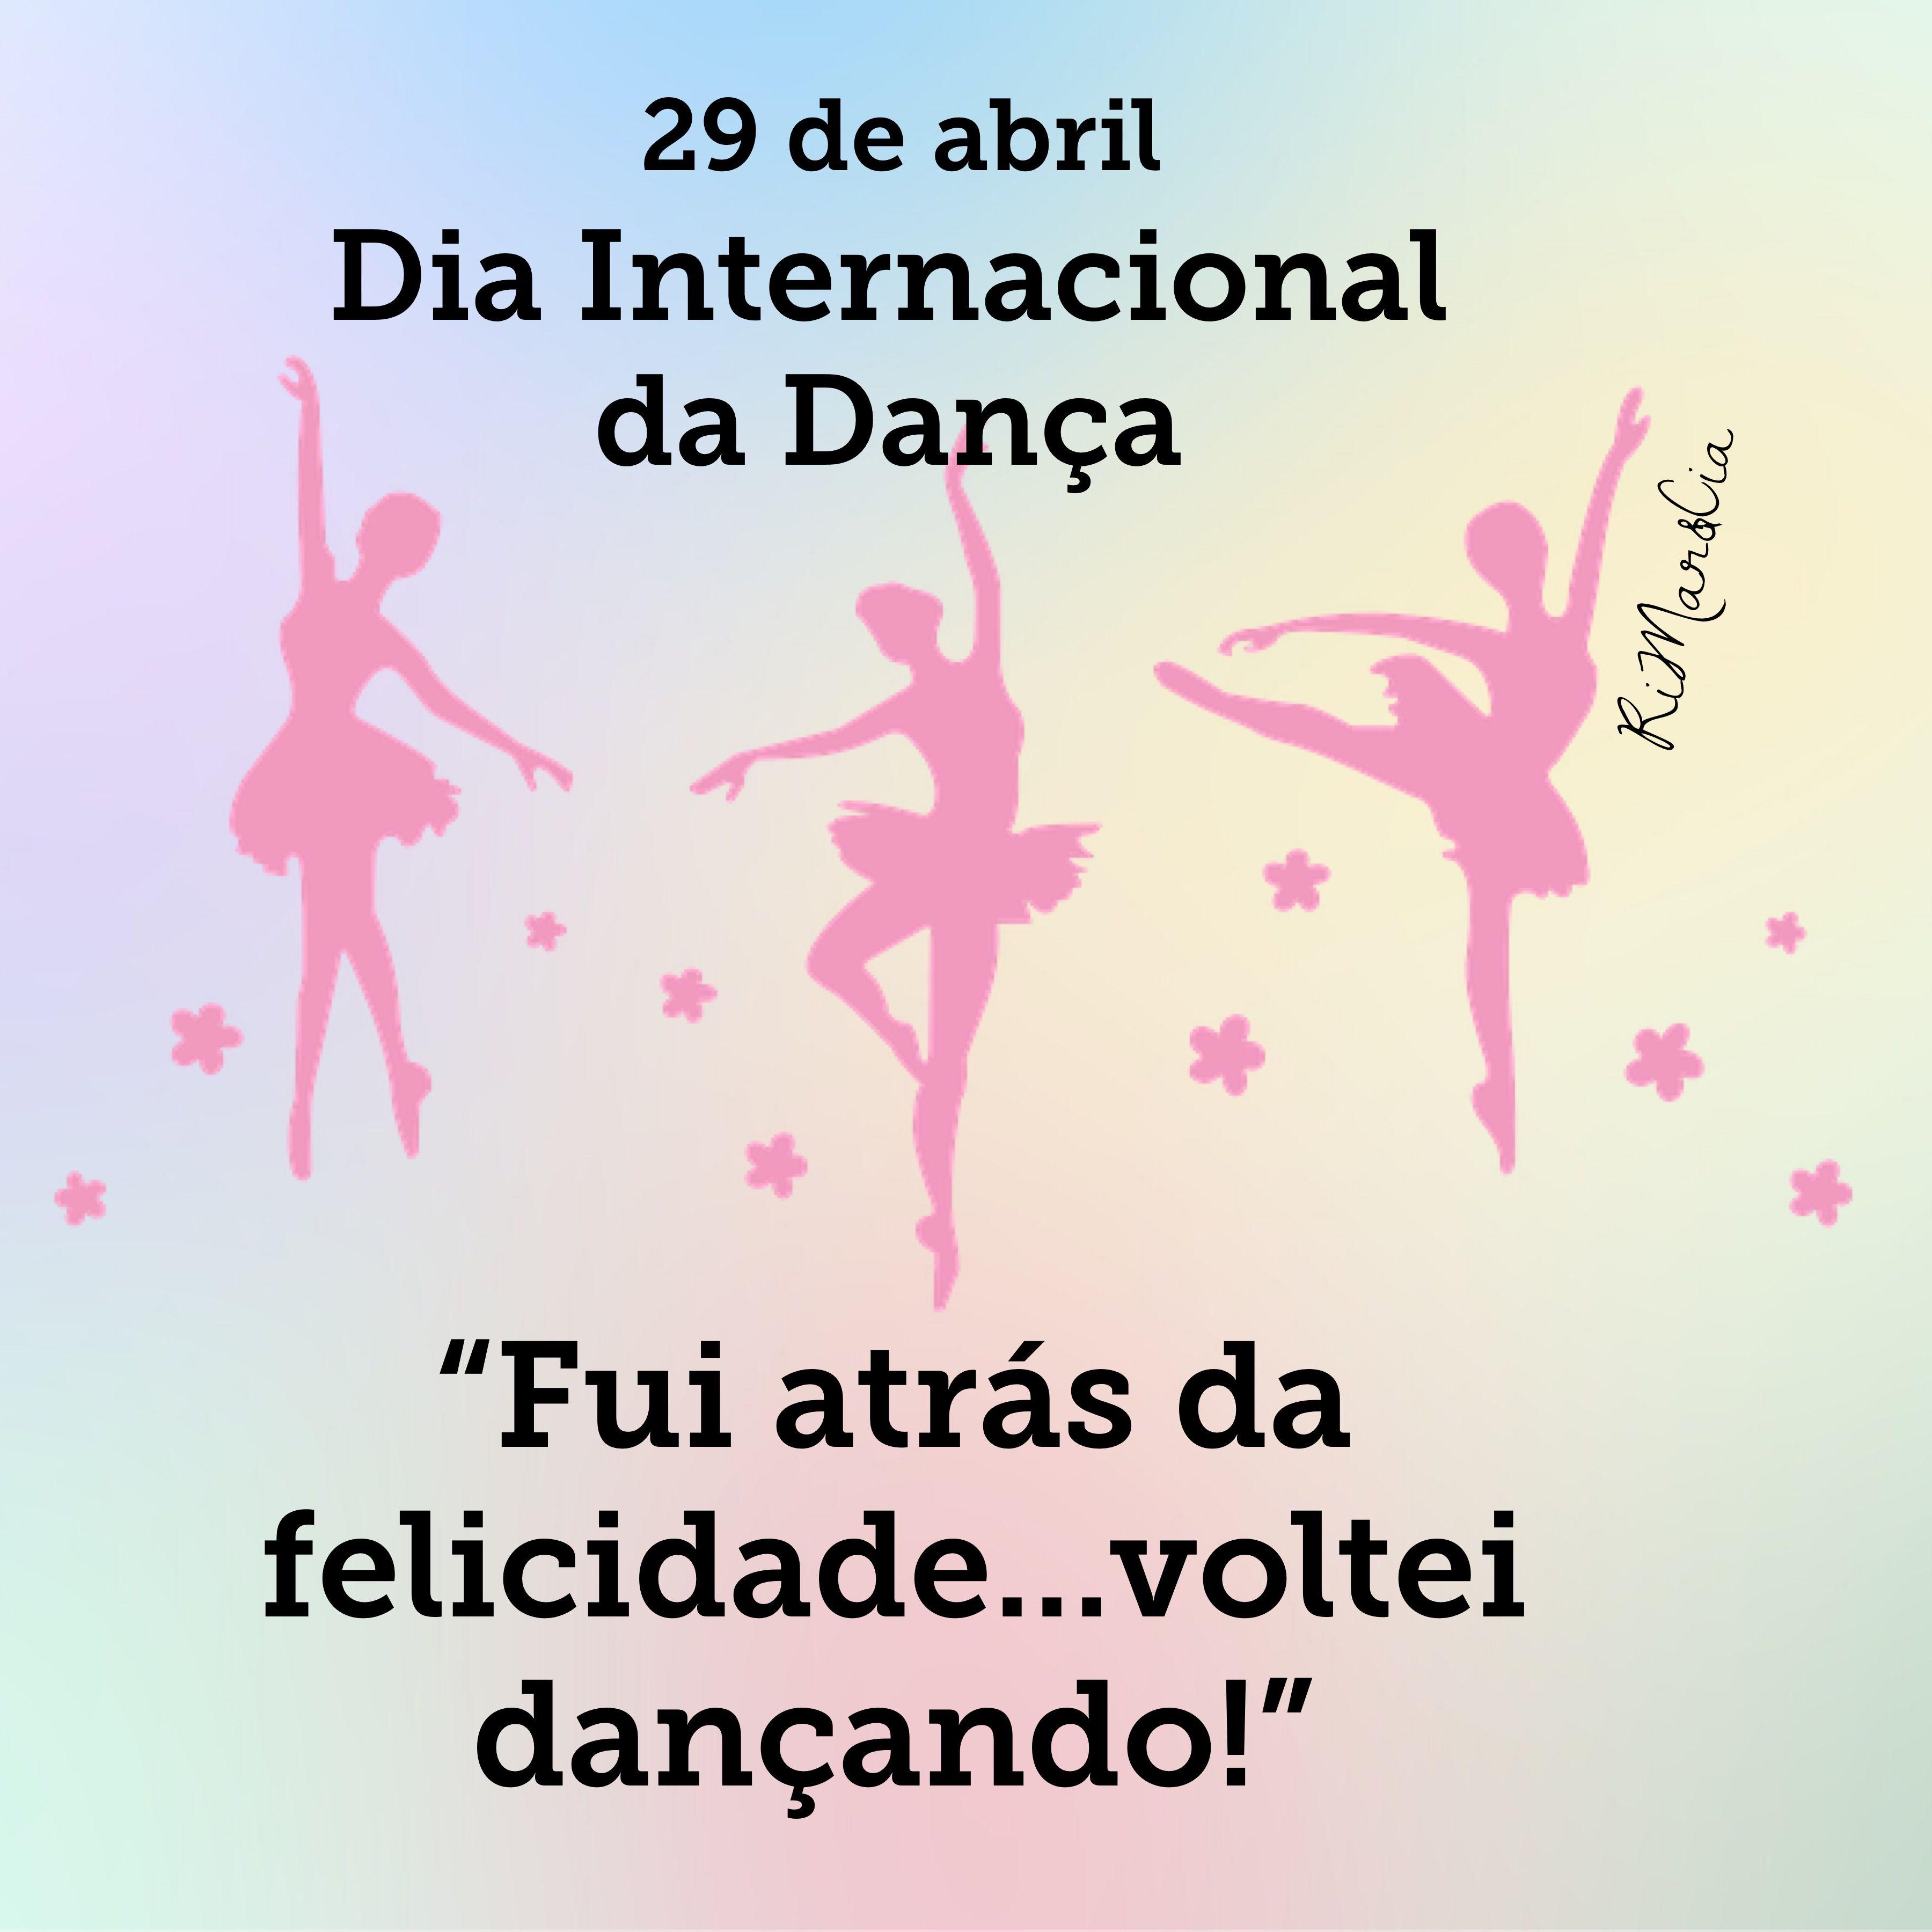 Pin De Erica Dias Em Aromas Em 2020 Dia Internacional Da Danca